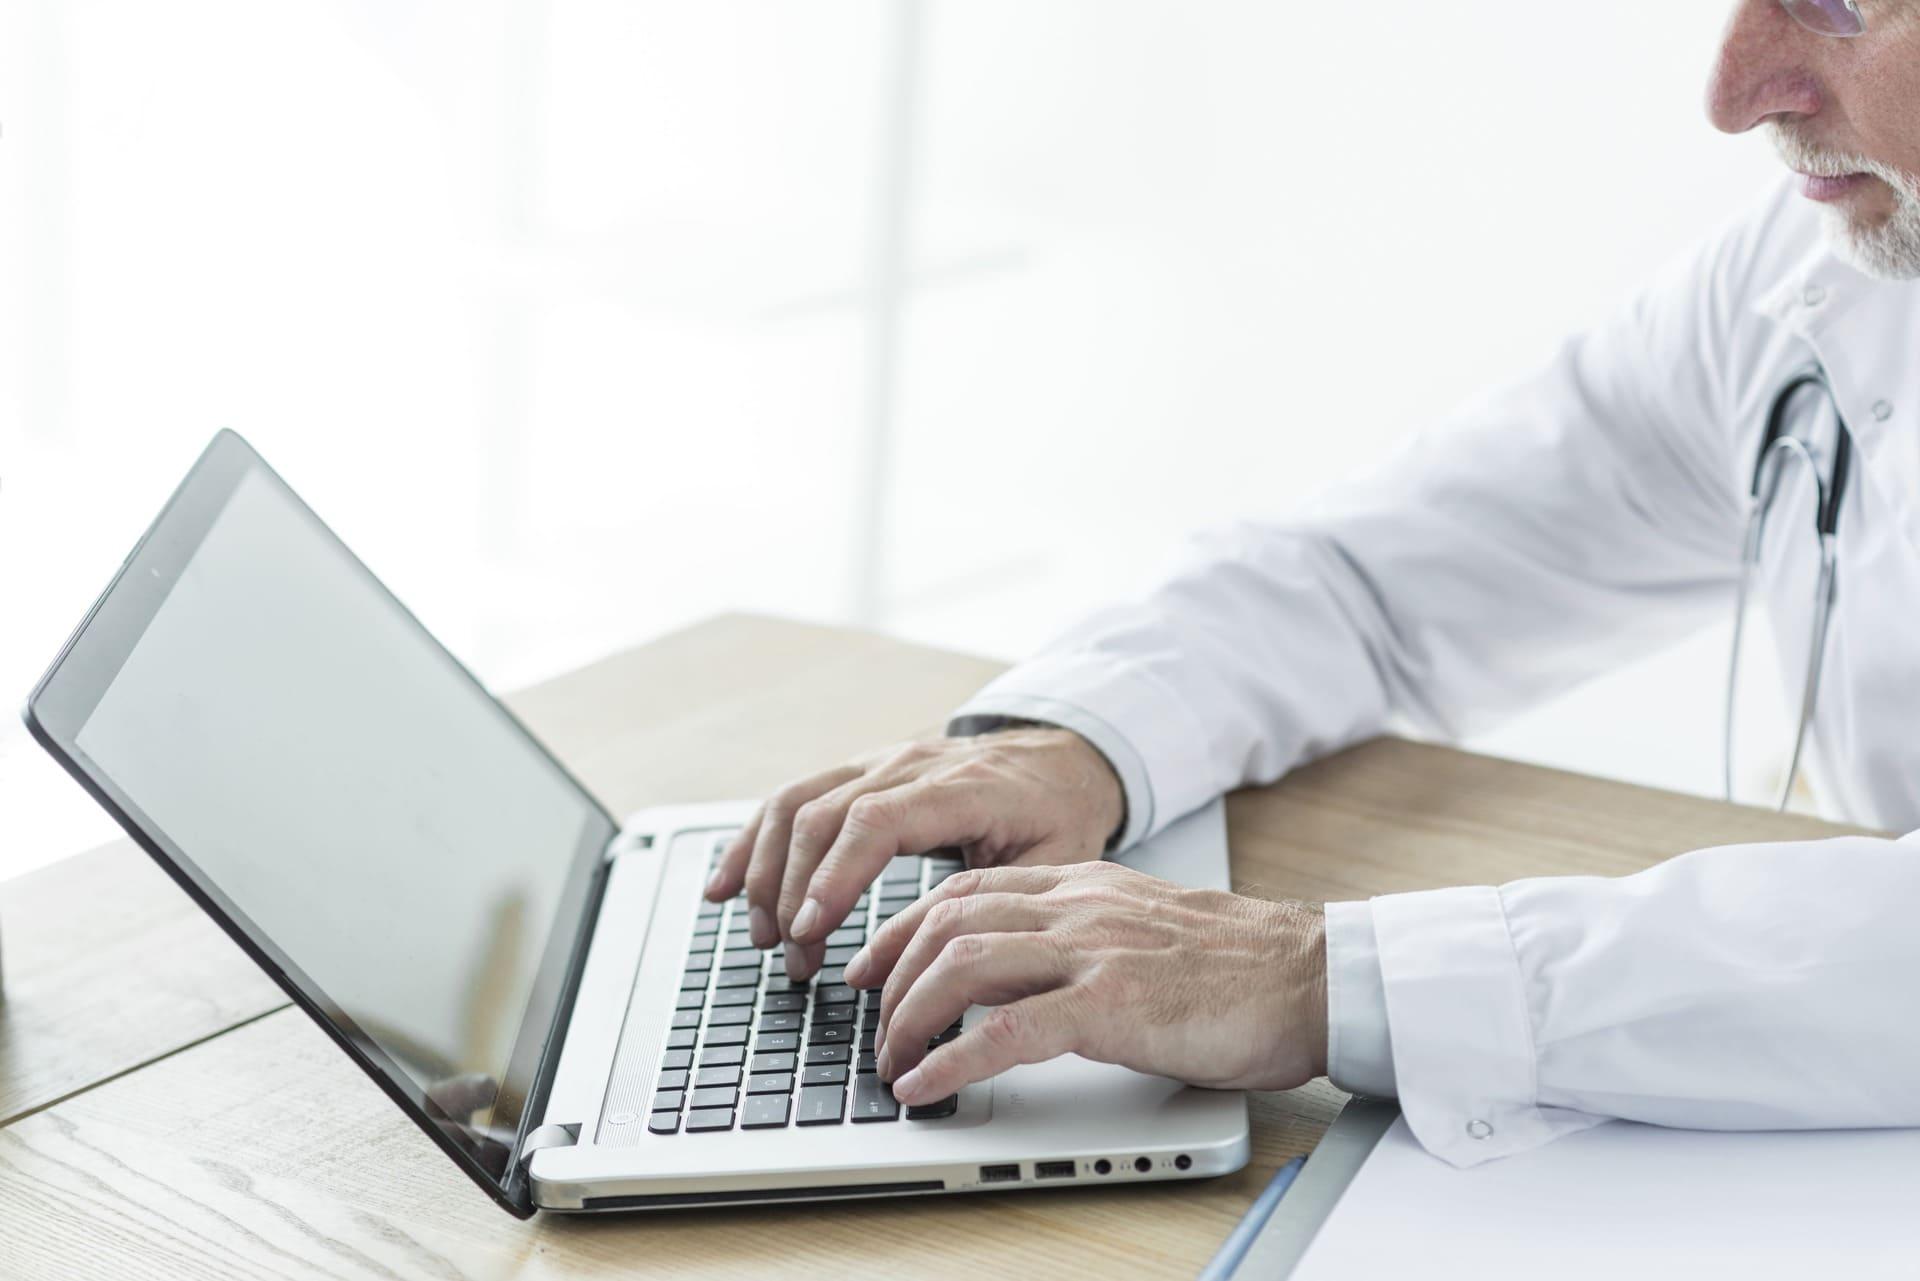 Médico fora do plano de saúde pode redigir relatório médico